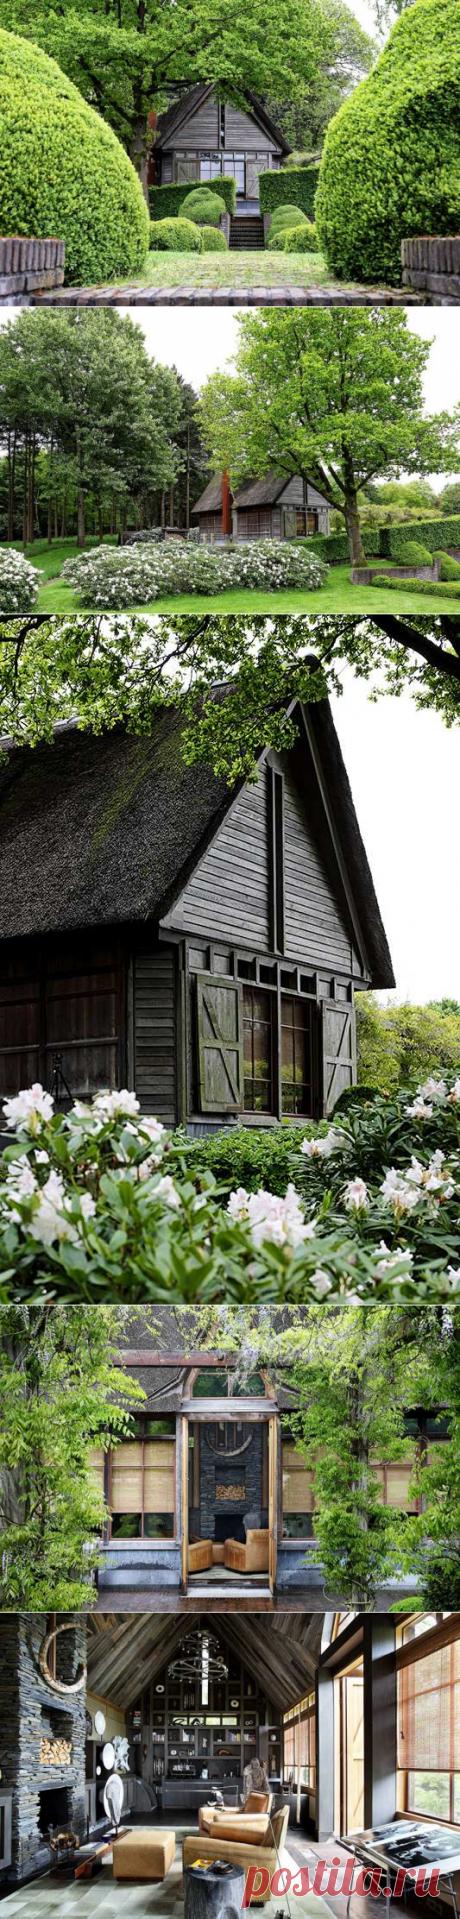 〚 Деревянная избушка в Нидерландах 〛 ◾ Фото ◾Идеи◾ Дизайн